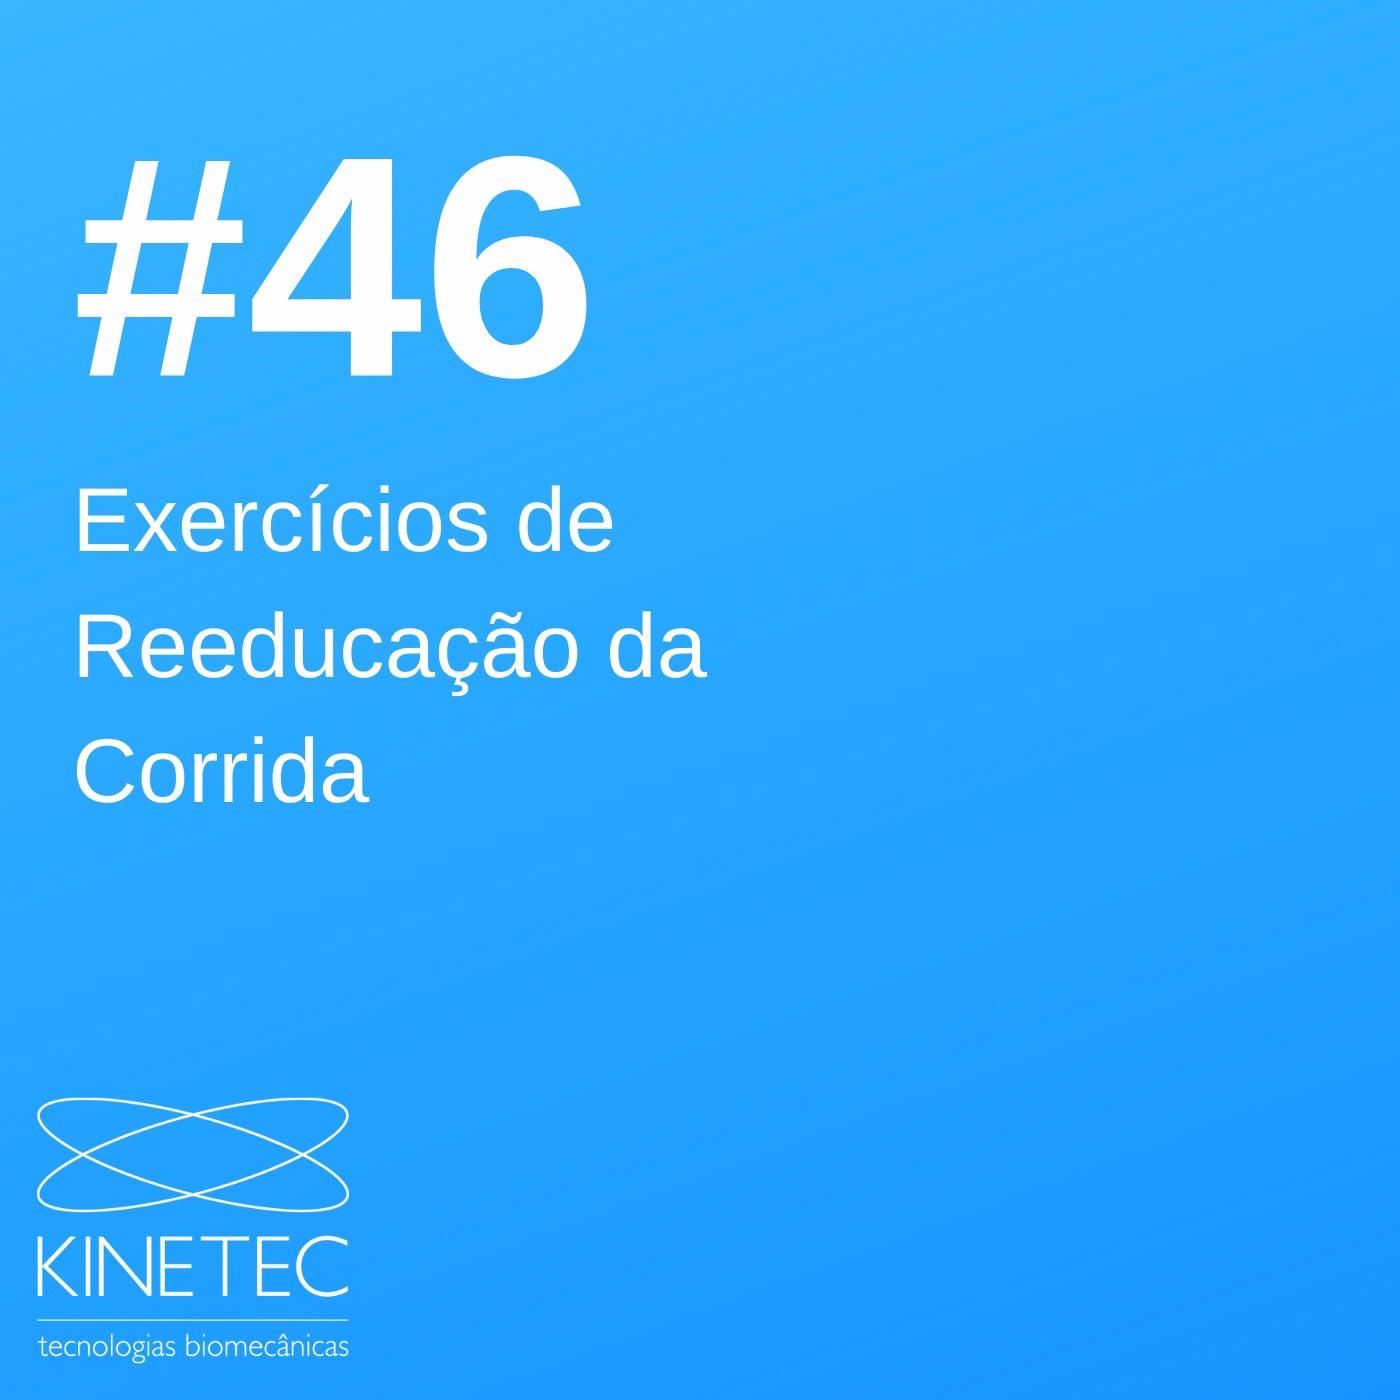 #46 Exercícios de Reeducação da Corrida